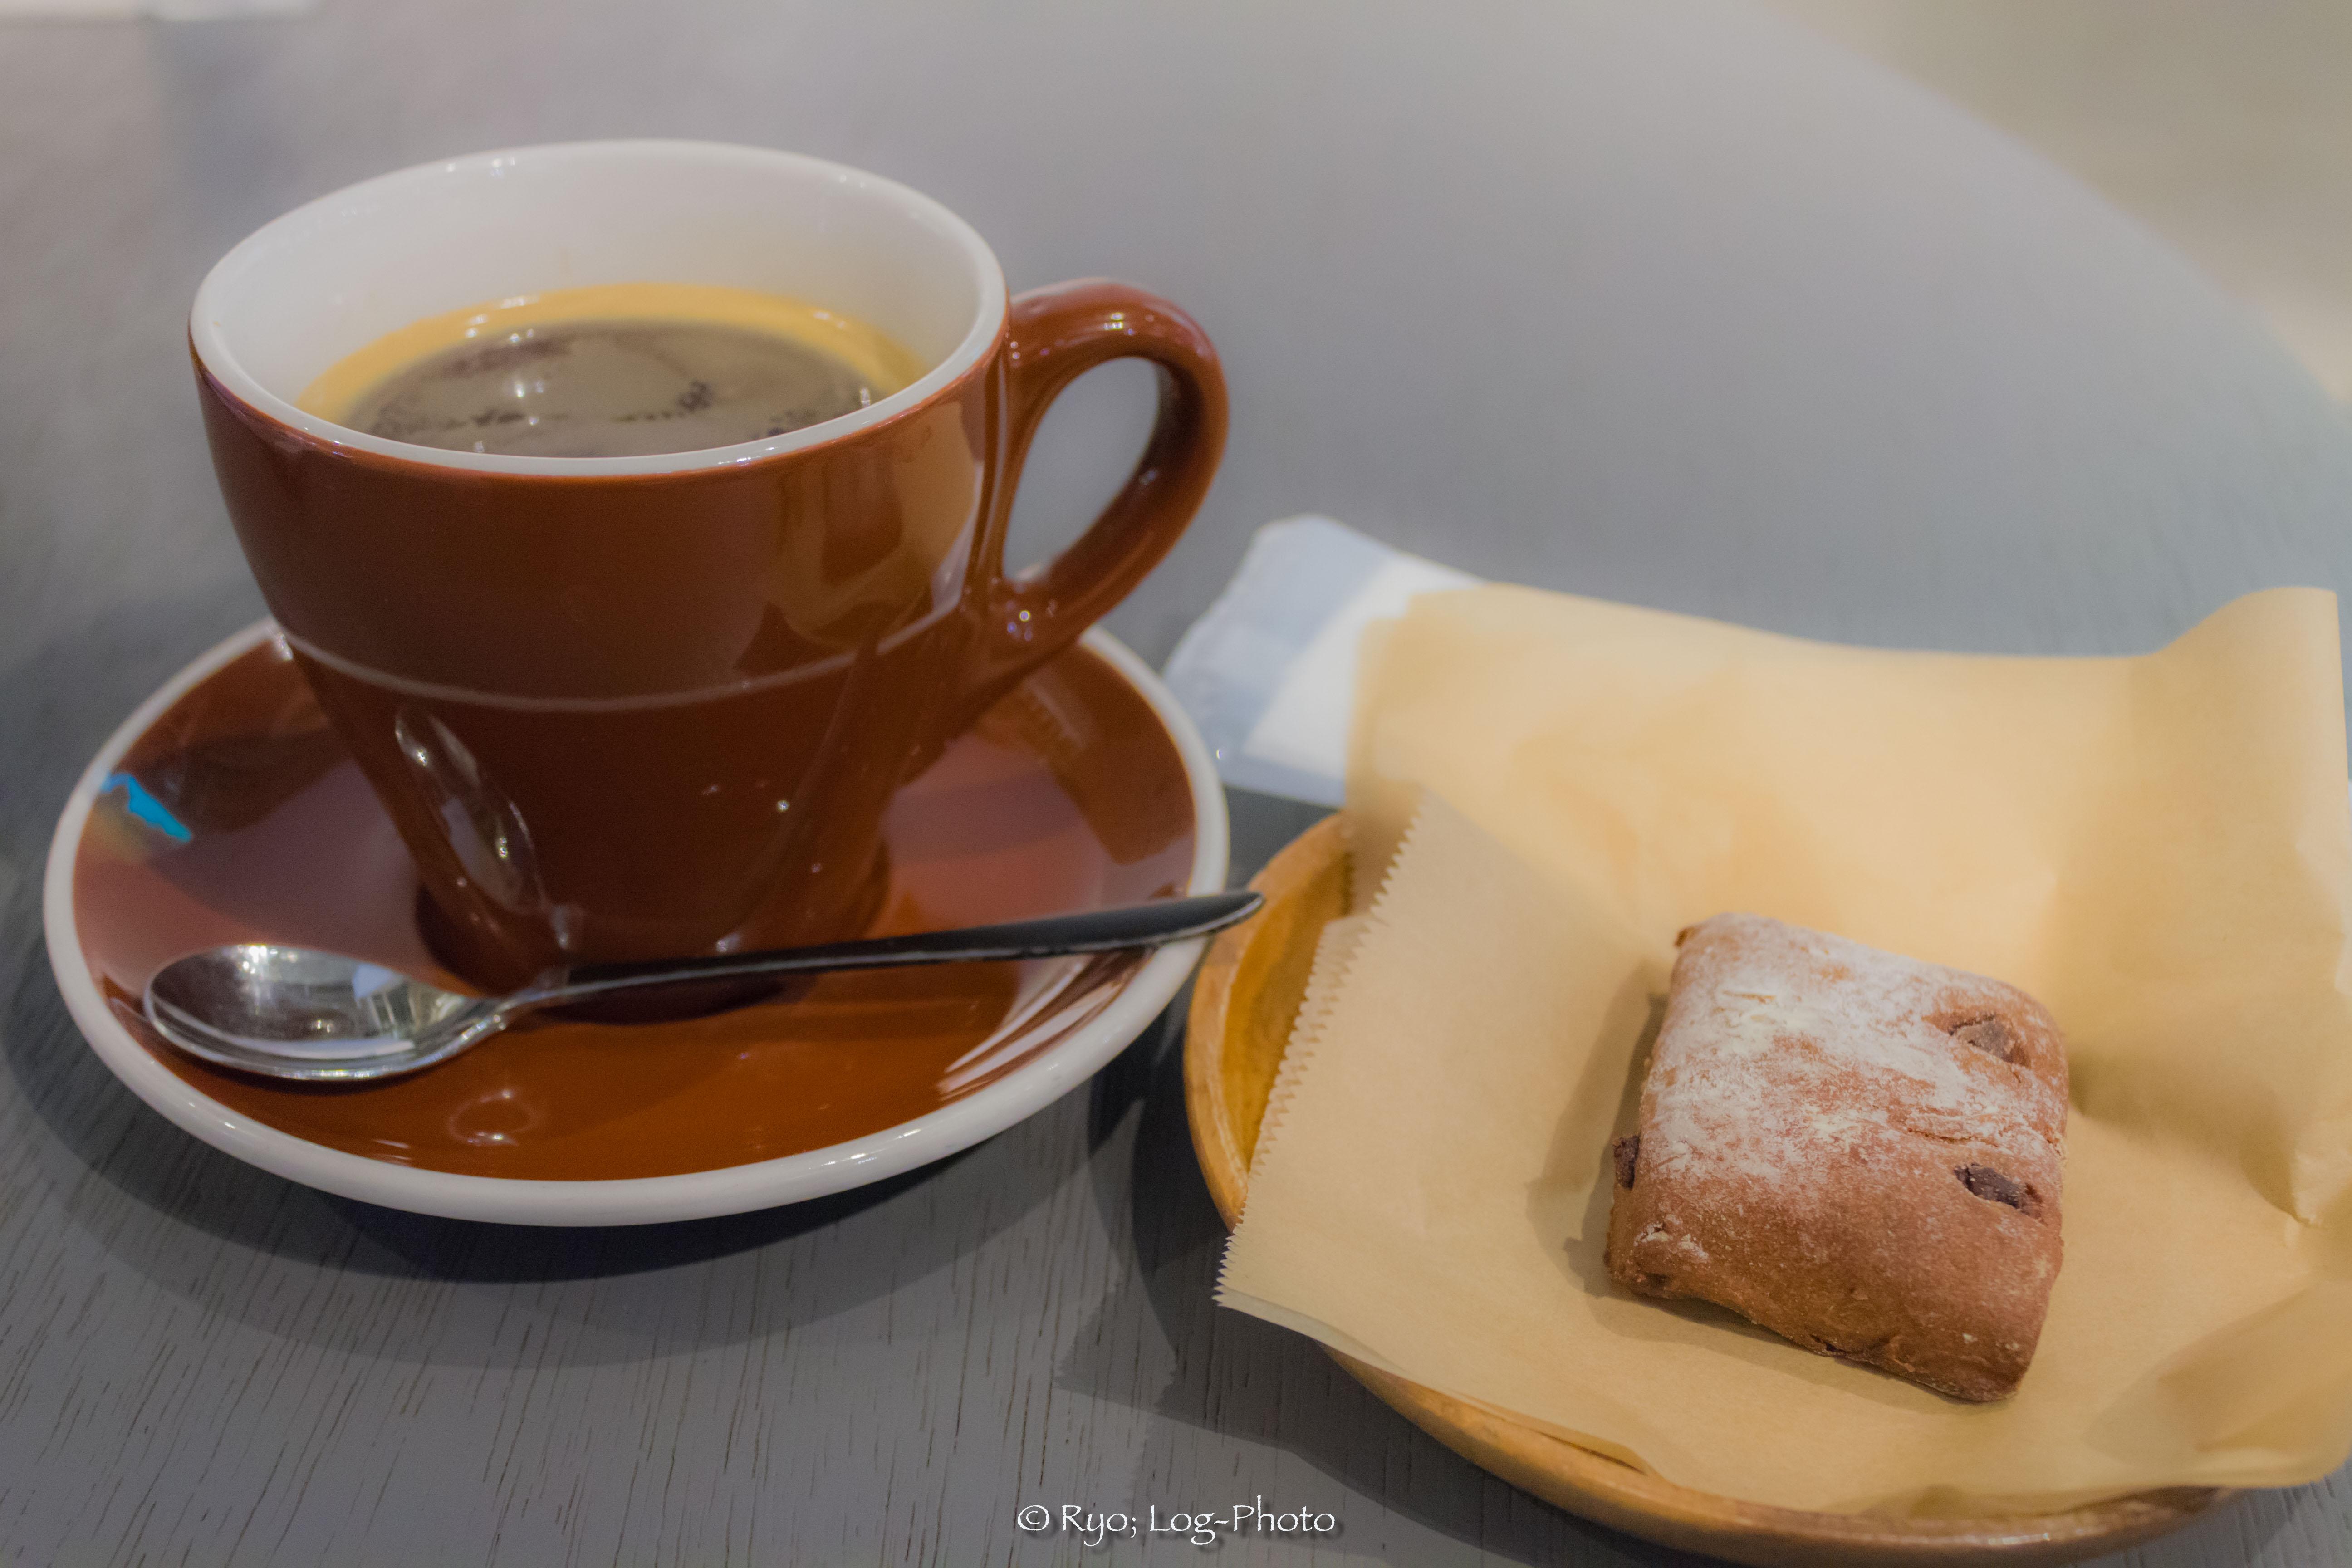 nozycoffeeノージーコーヒー木更津 コーヒーとチョコレート&オレンジ